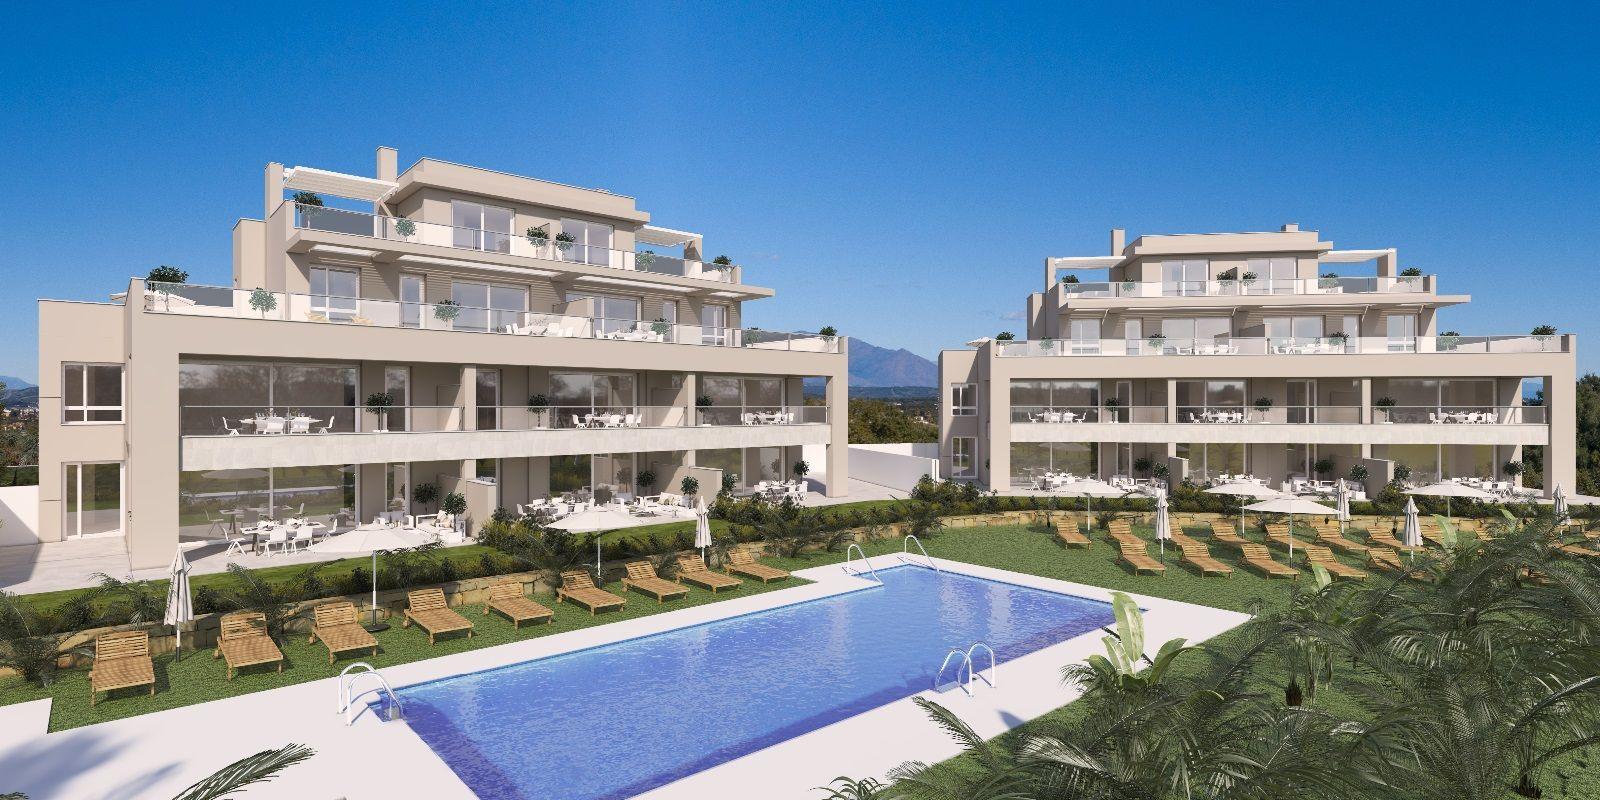 Apartments for sale in Cádiz, Costa del Sol